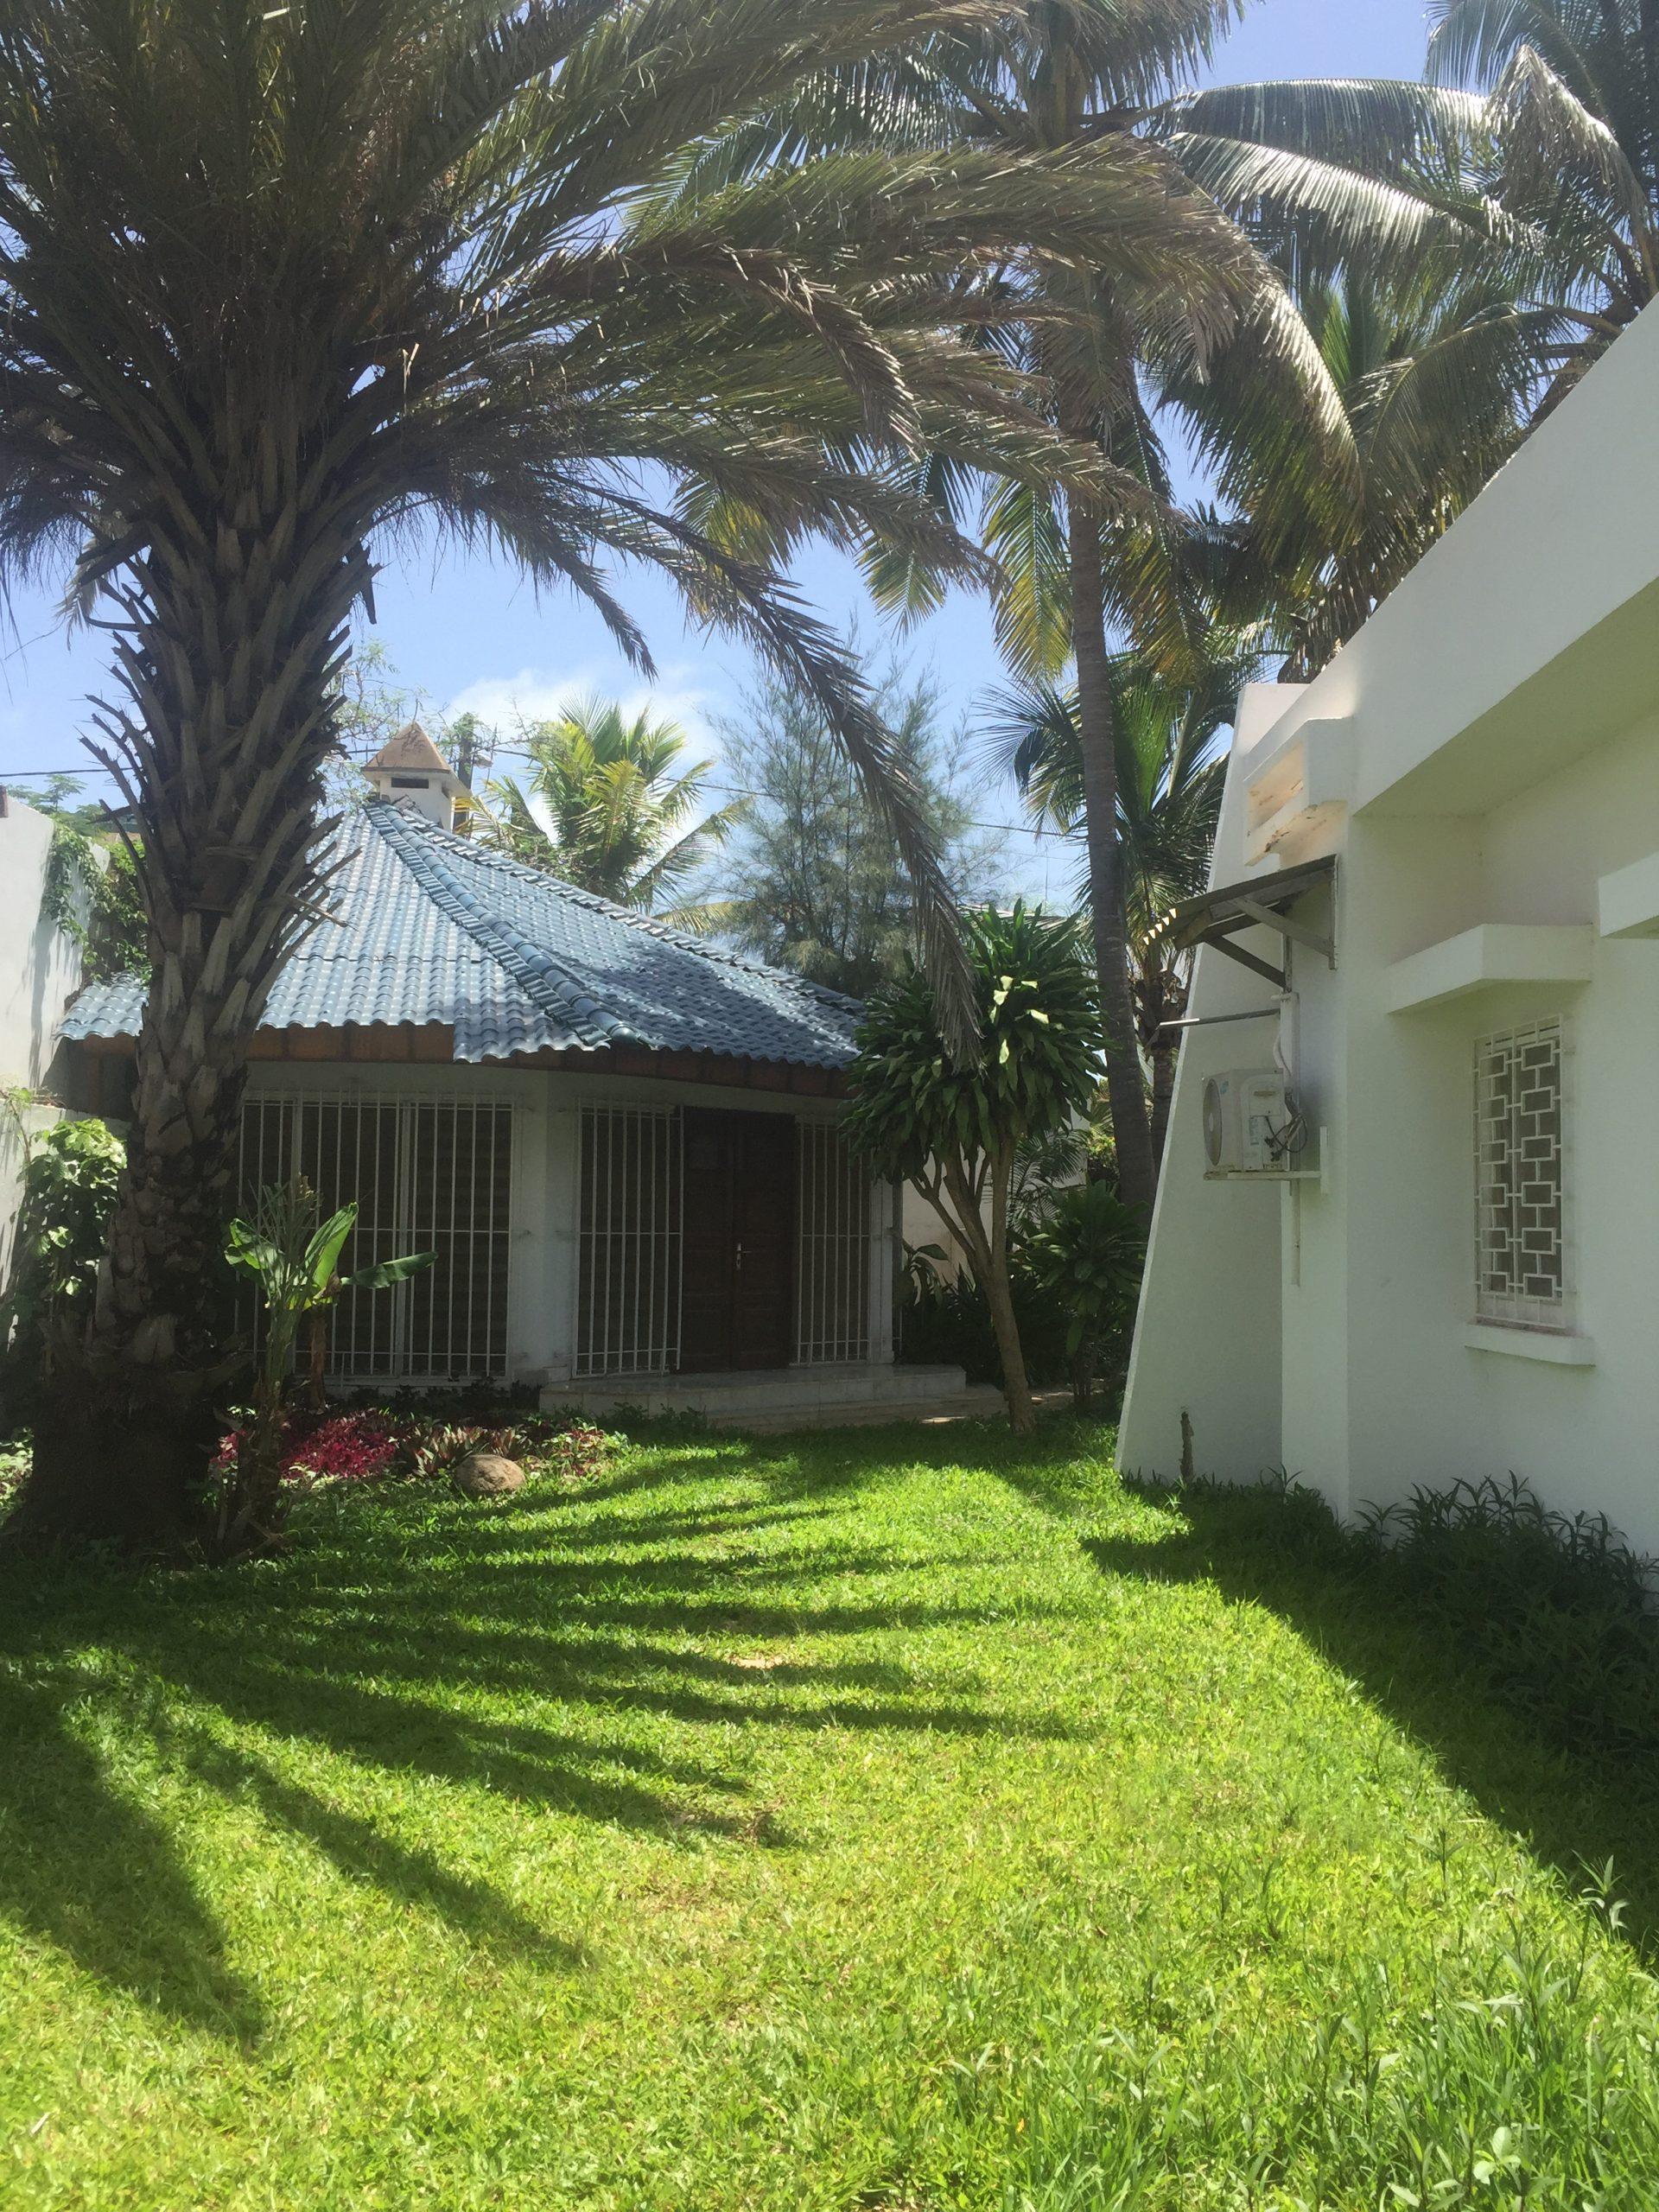 House for rent Dakar Almadies